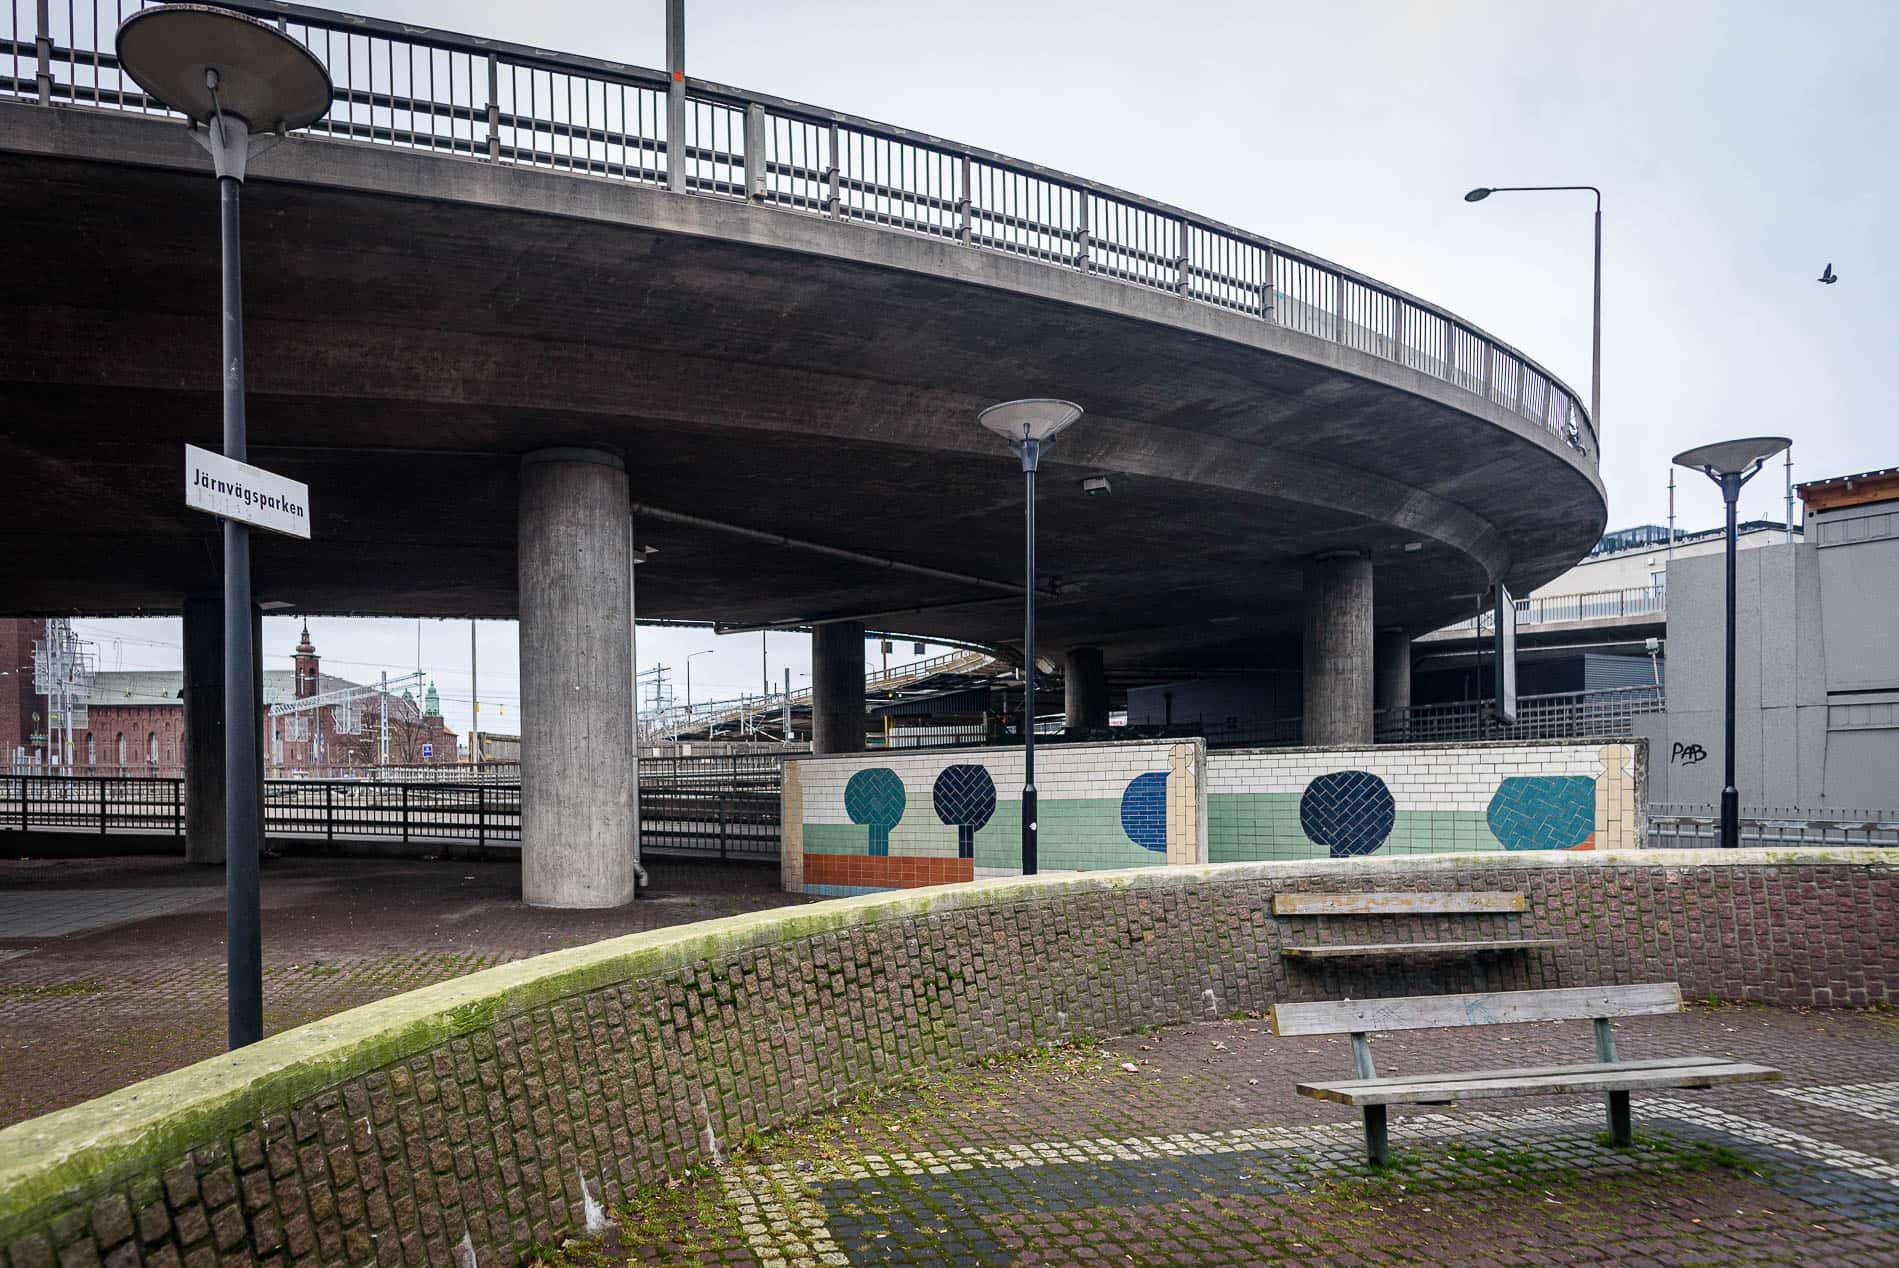 Järnvägsparken Stockholm